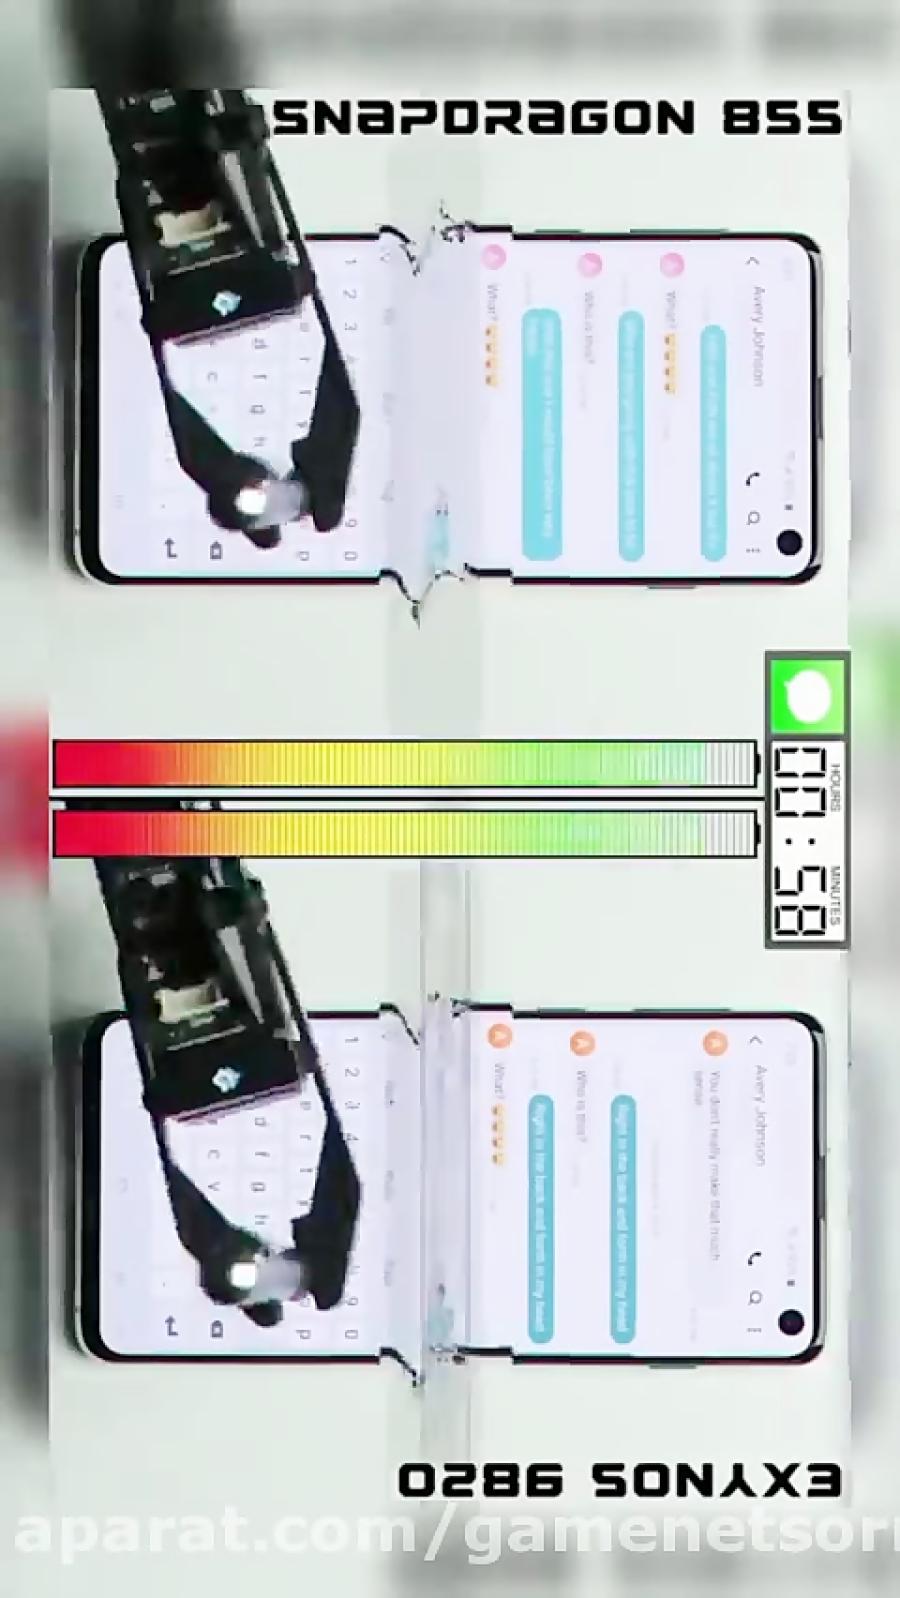 مقایسه دوام باتری نسخه های اسنپدراگون و اگزینوس گلکسی اس ۱۰